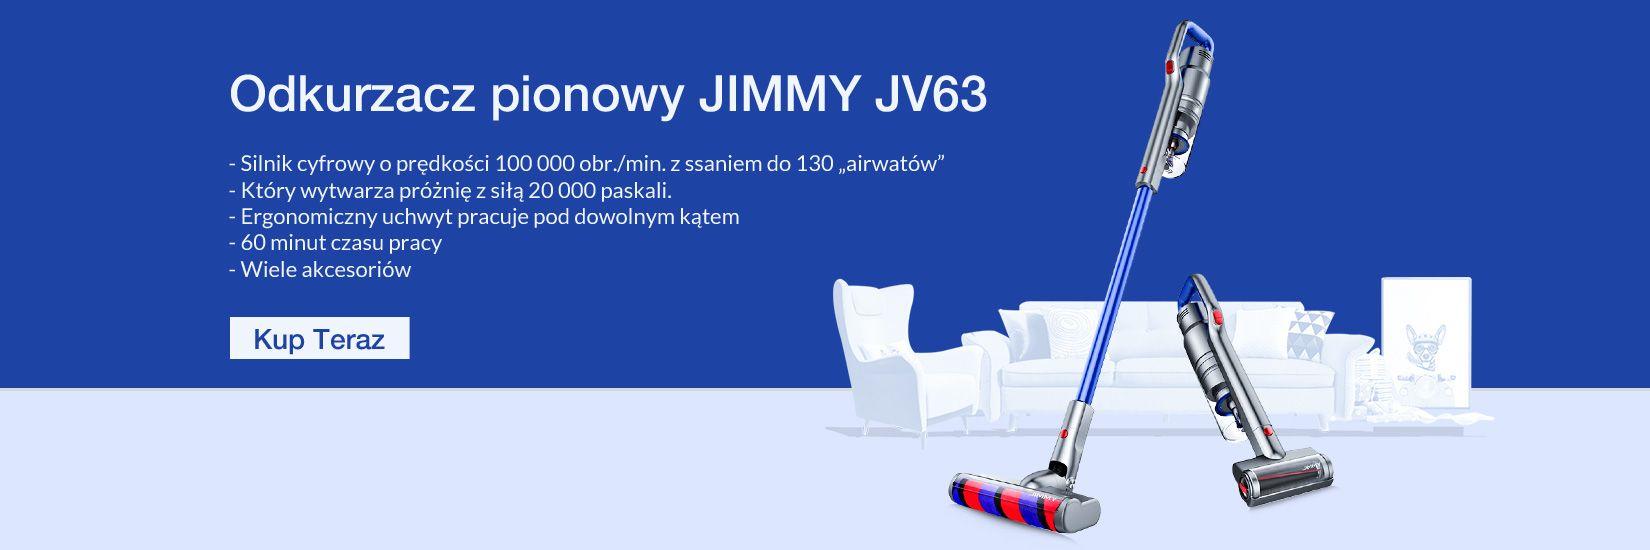 Odkurzacz pionowy JIMMY JV63 - Geekbuying.pl